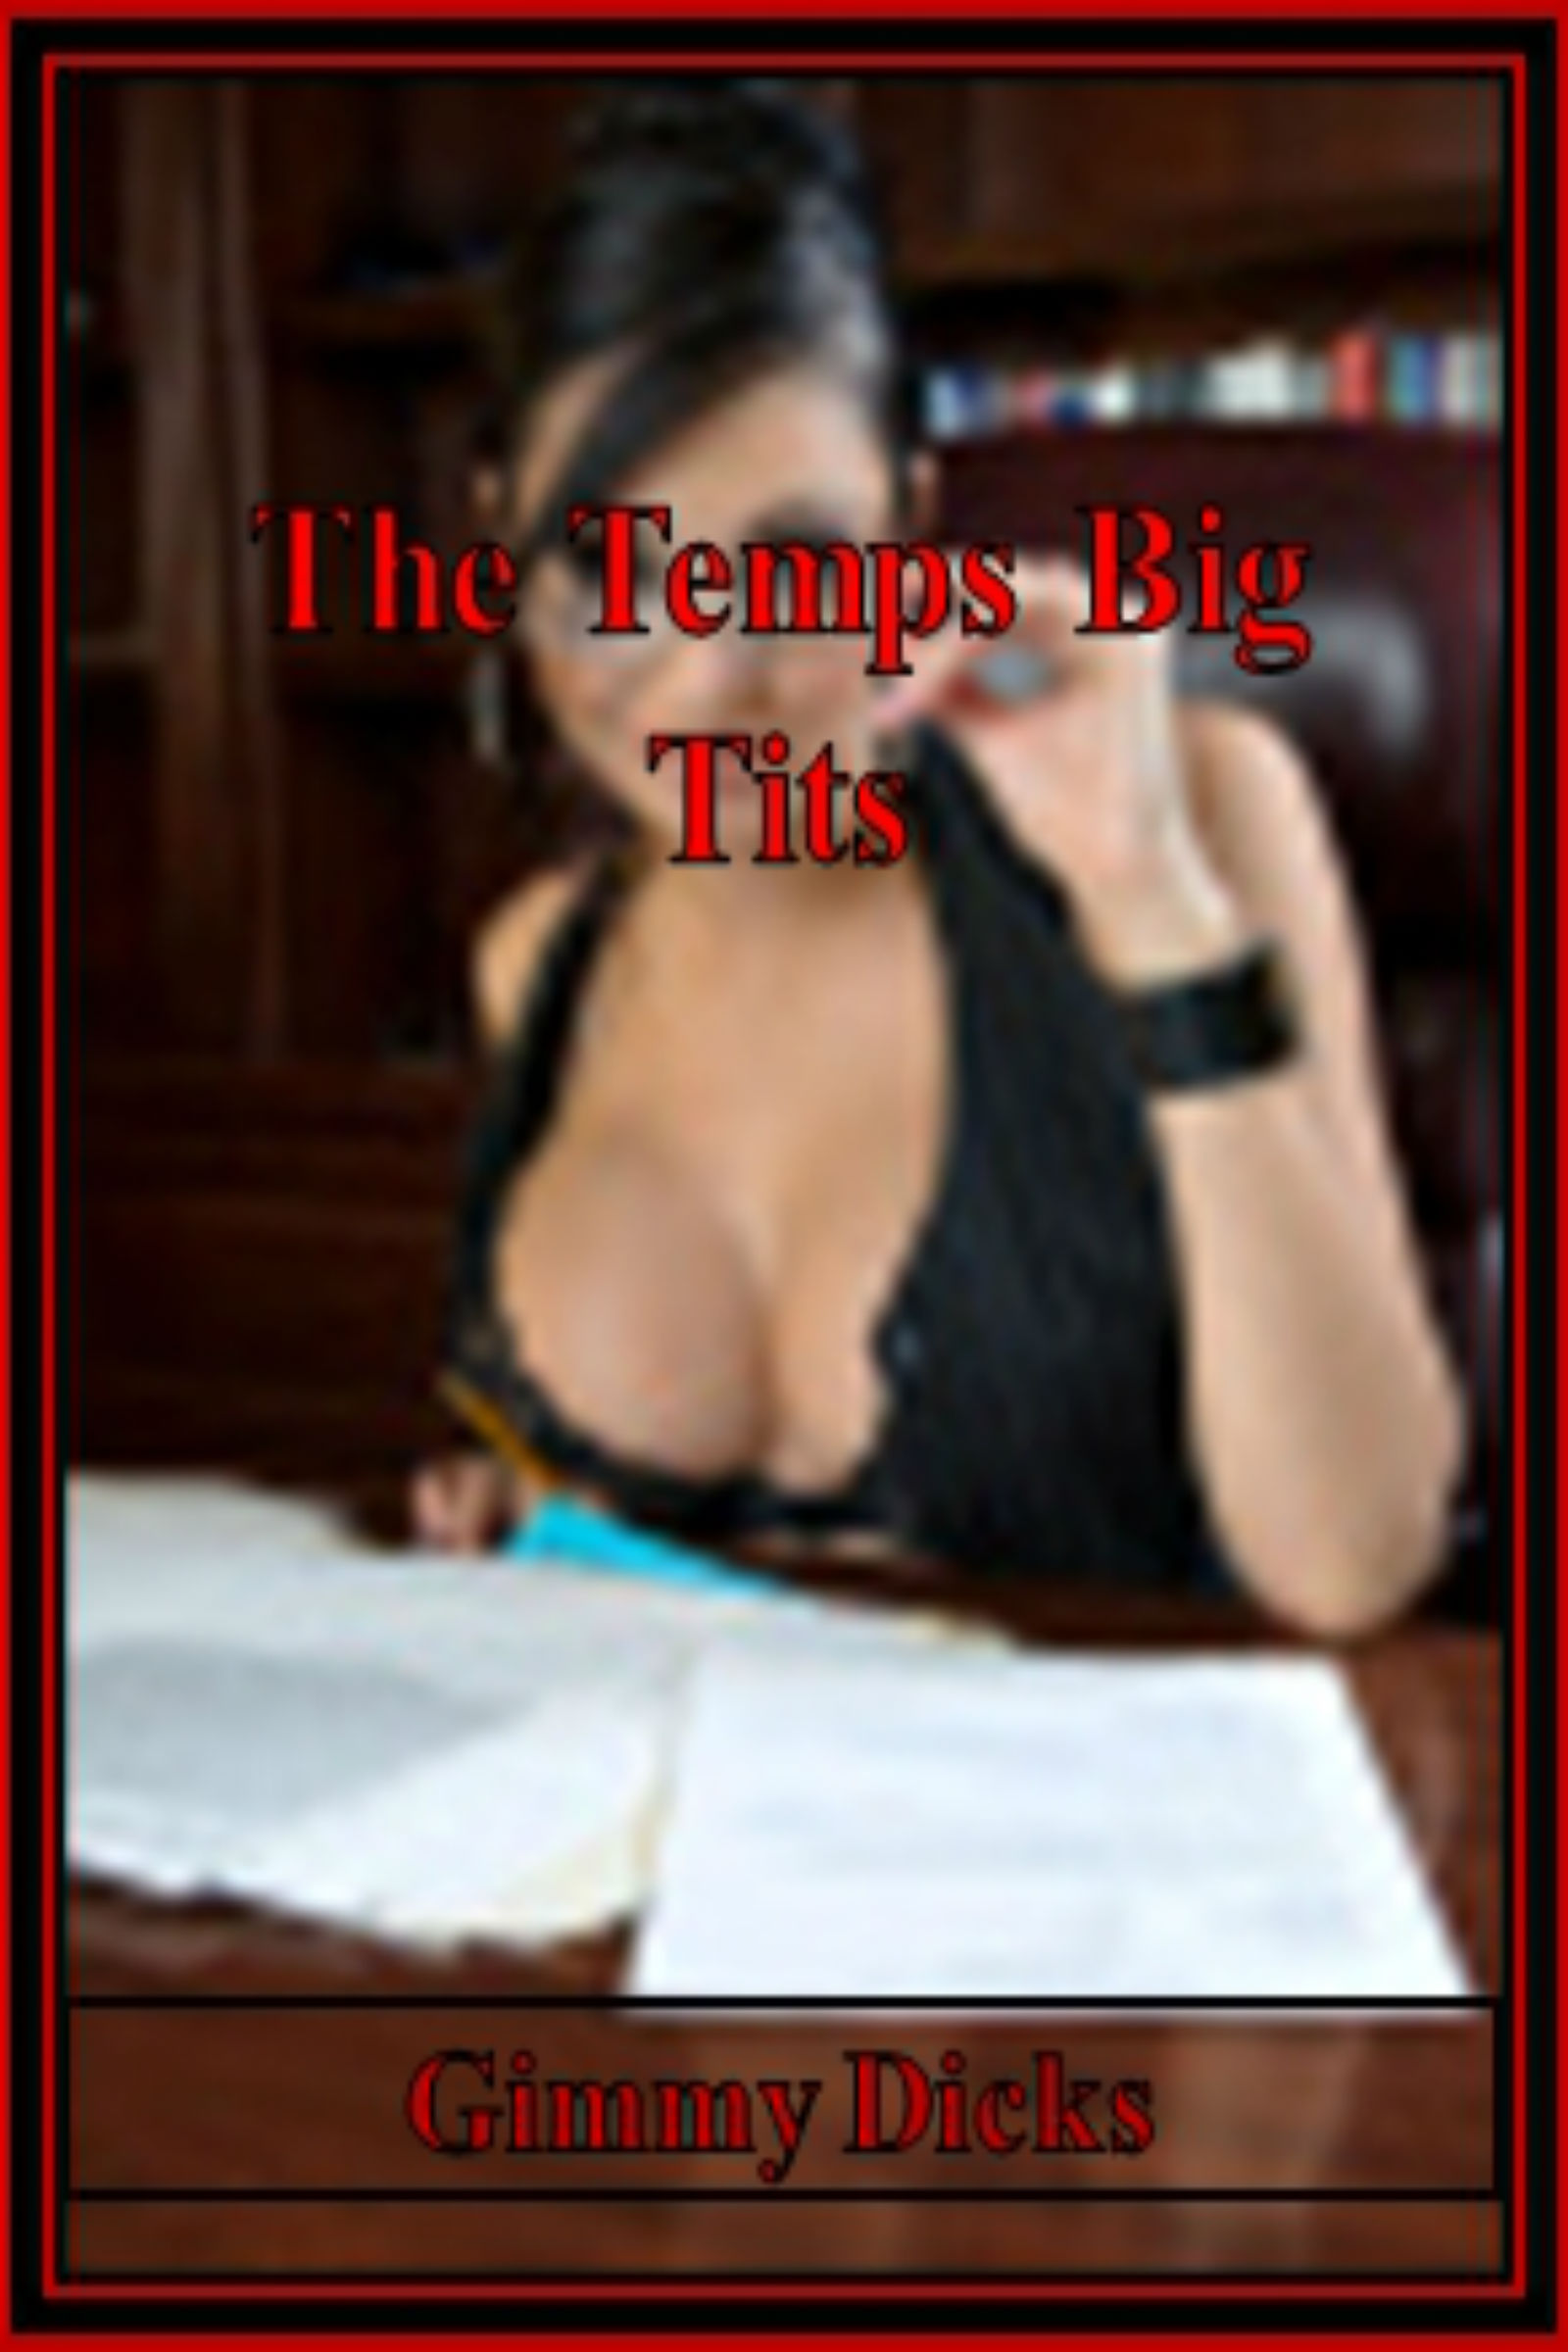 Смотреть порно онлайн с симпатичной девочкой оргазм 18 фотография